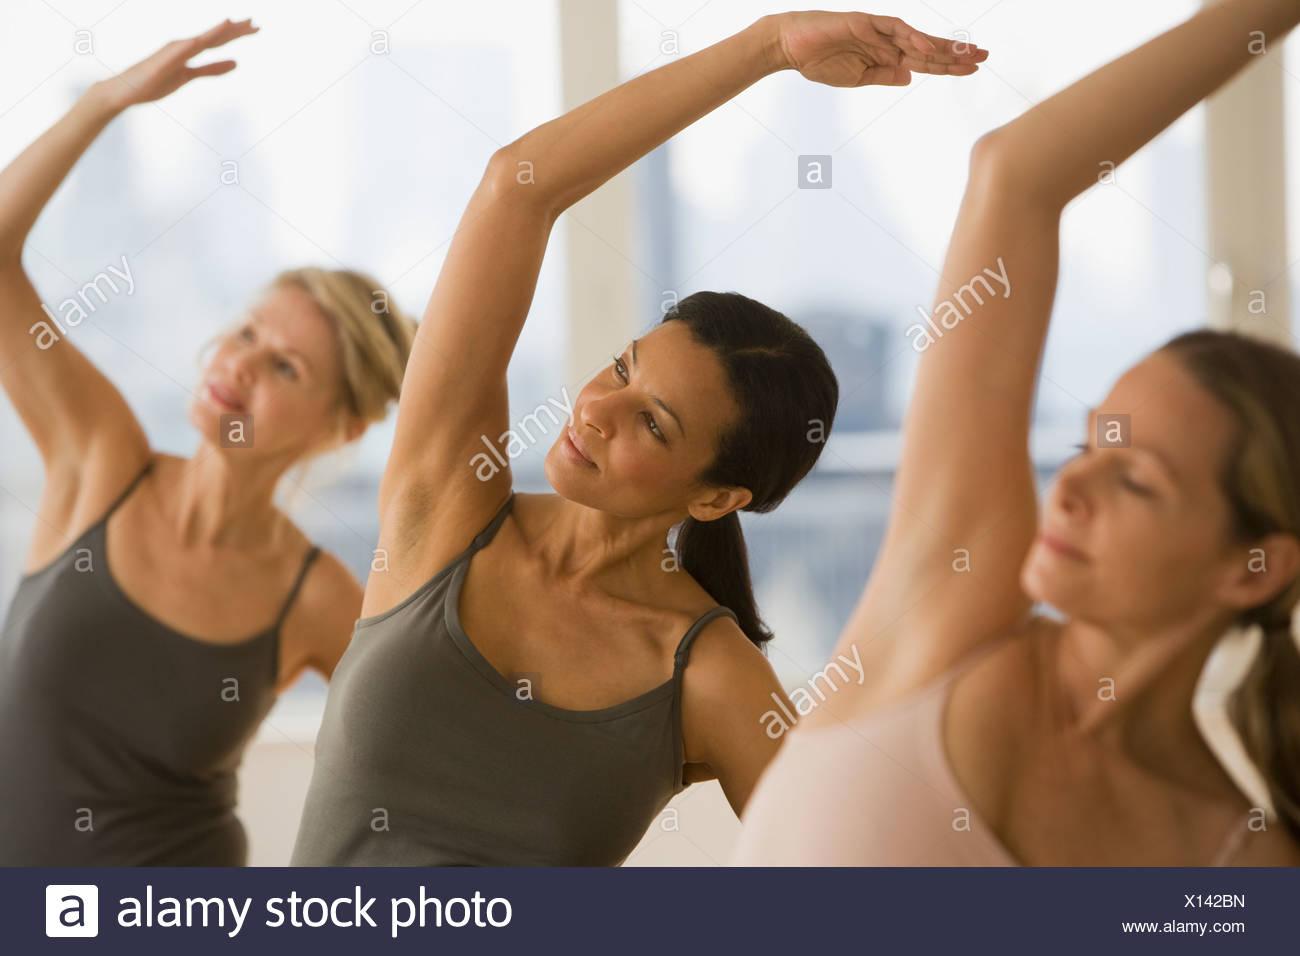 La mujer multiétnica practicando yoga Imagen De Stock